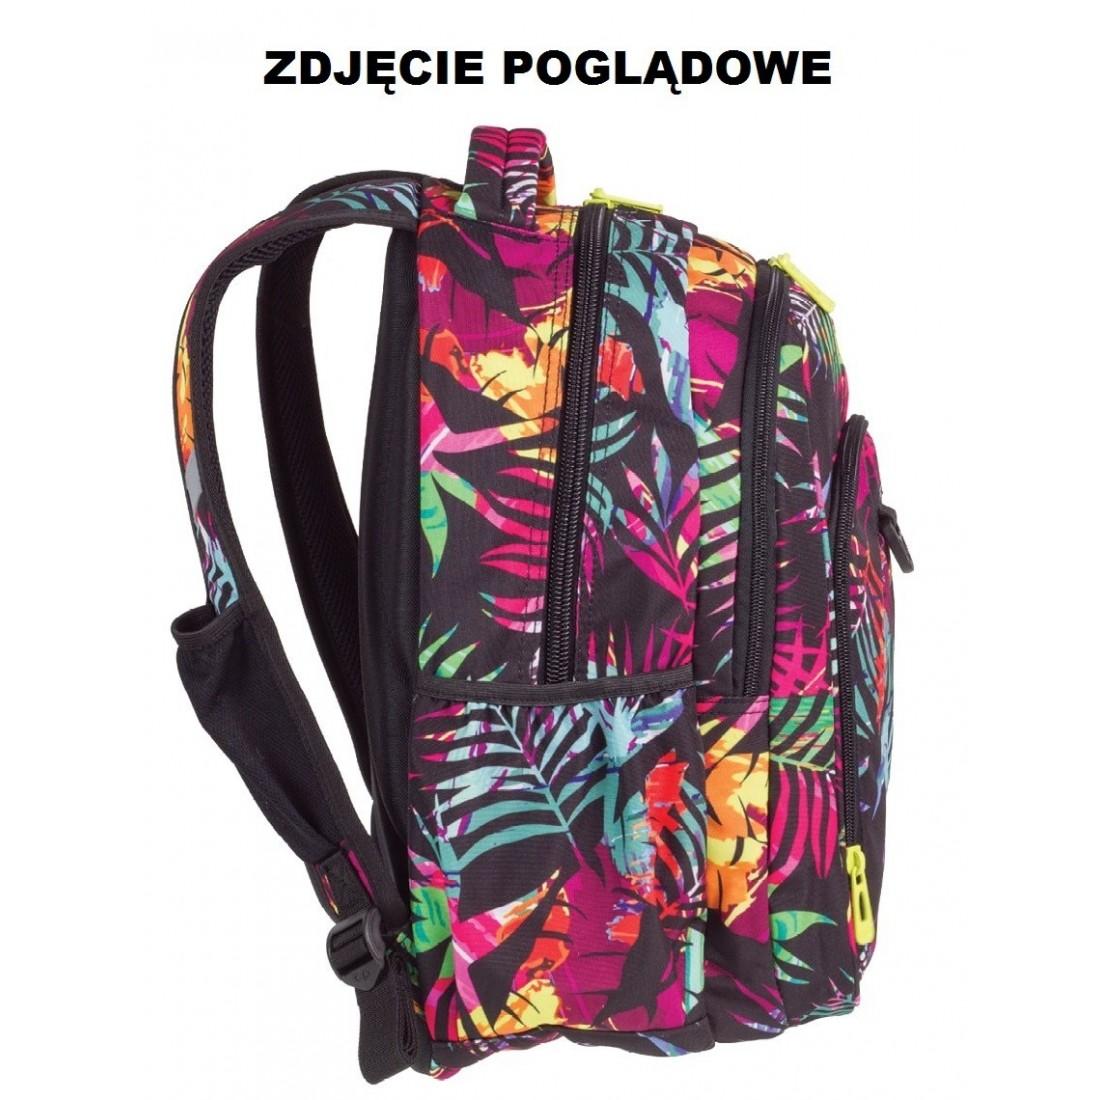 a80744448fb93 ... Plecak młodzieżowy CoolPack CP STRIKE BOHO ELECTRA 781 Aztec Boho ...